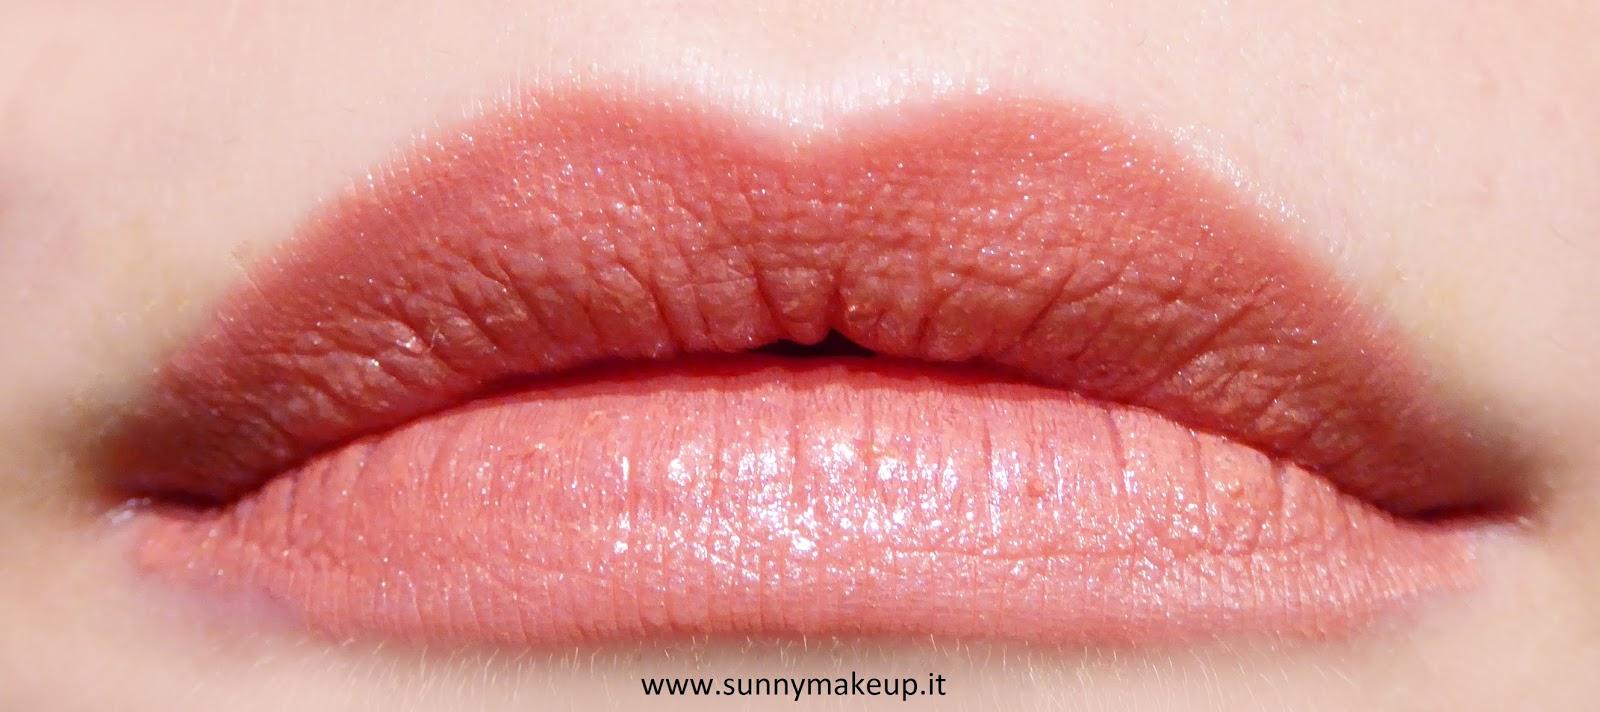 Rimmel London - Provocalips: Swatch e review del rossetto liquido effetto lacca 110 Dare to Pink